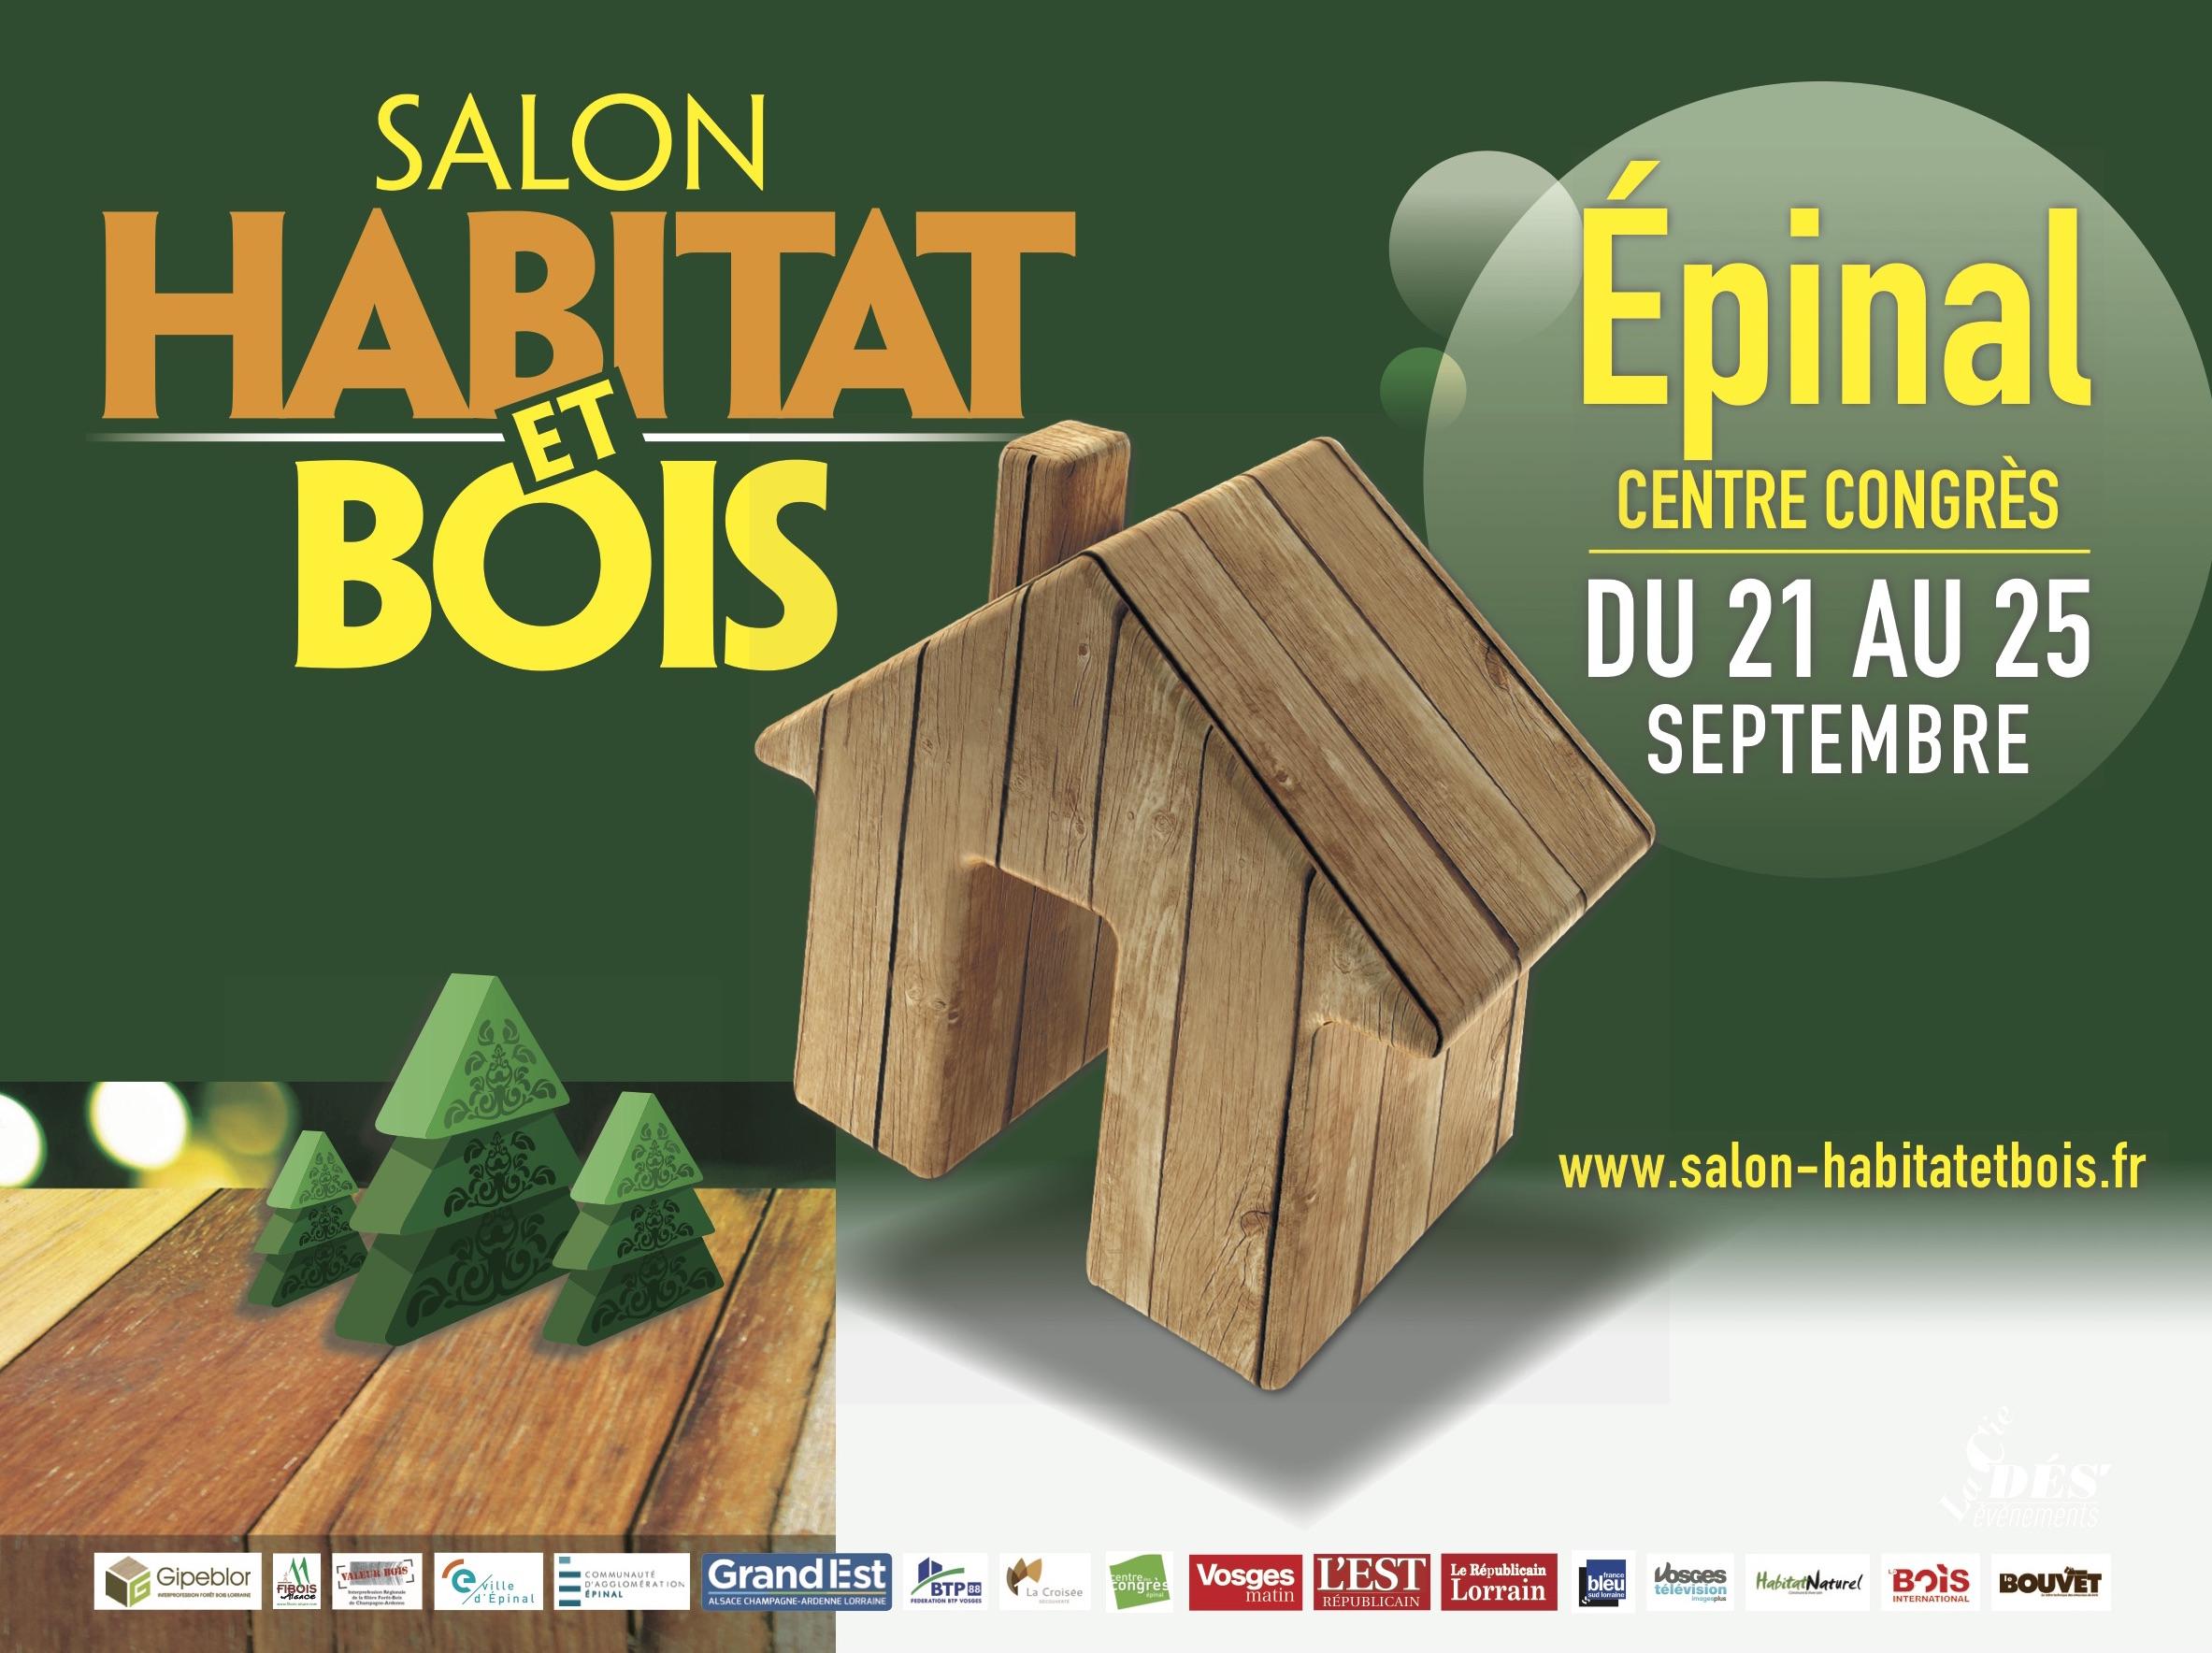 Salon habitat et bois du 21 au 25 septembre 2017 for Salon de l habitat 2017 paris